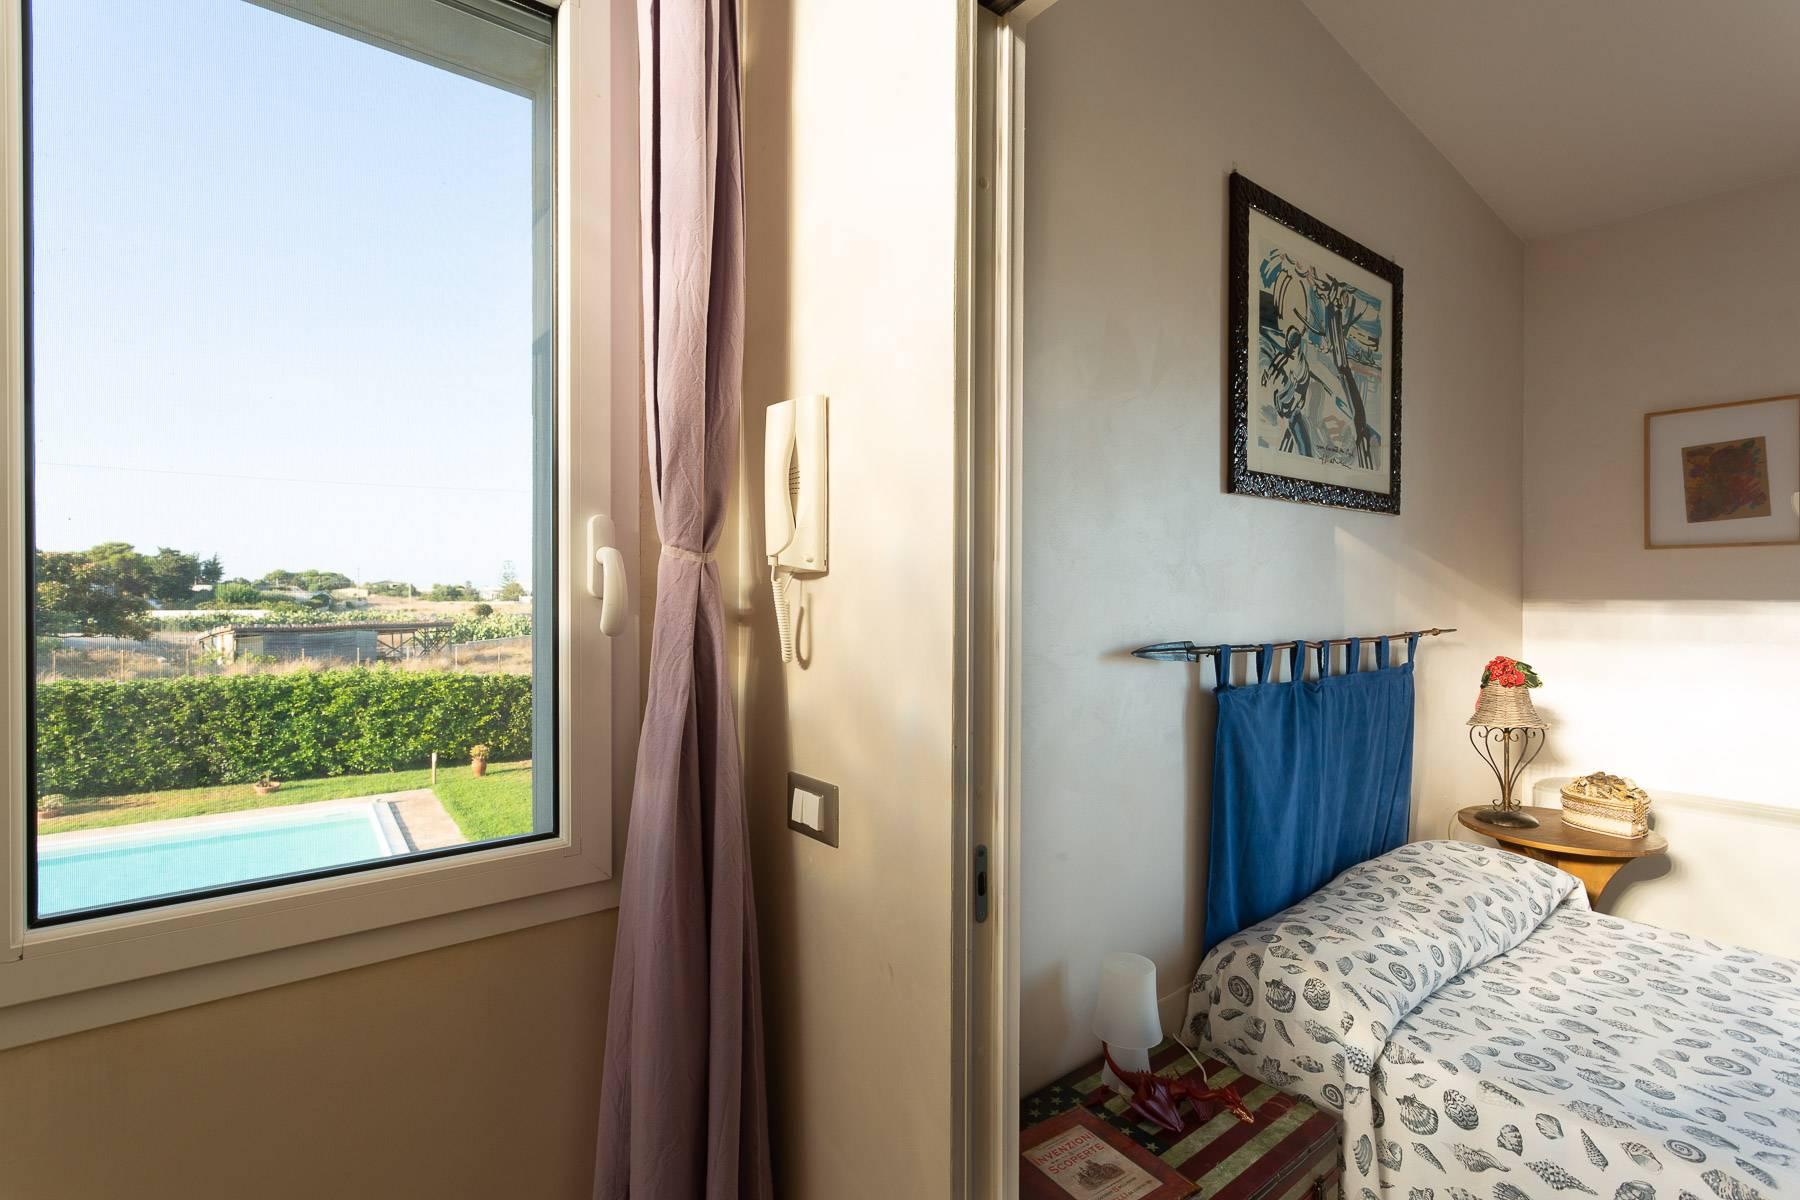 Villa in Vendita a Siracusa: 5 locali, 200 mq - Foto 16